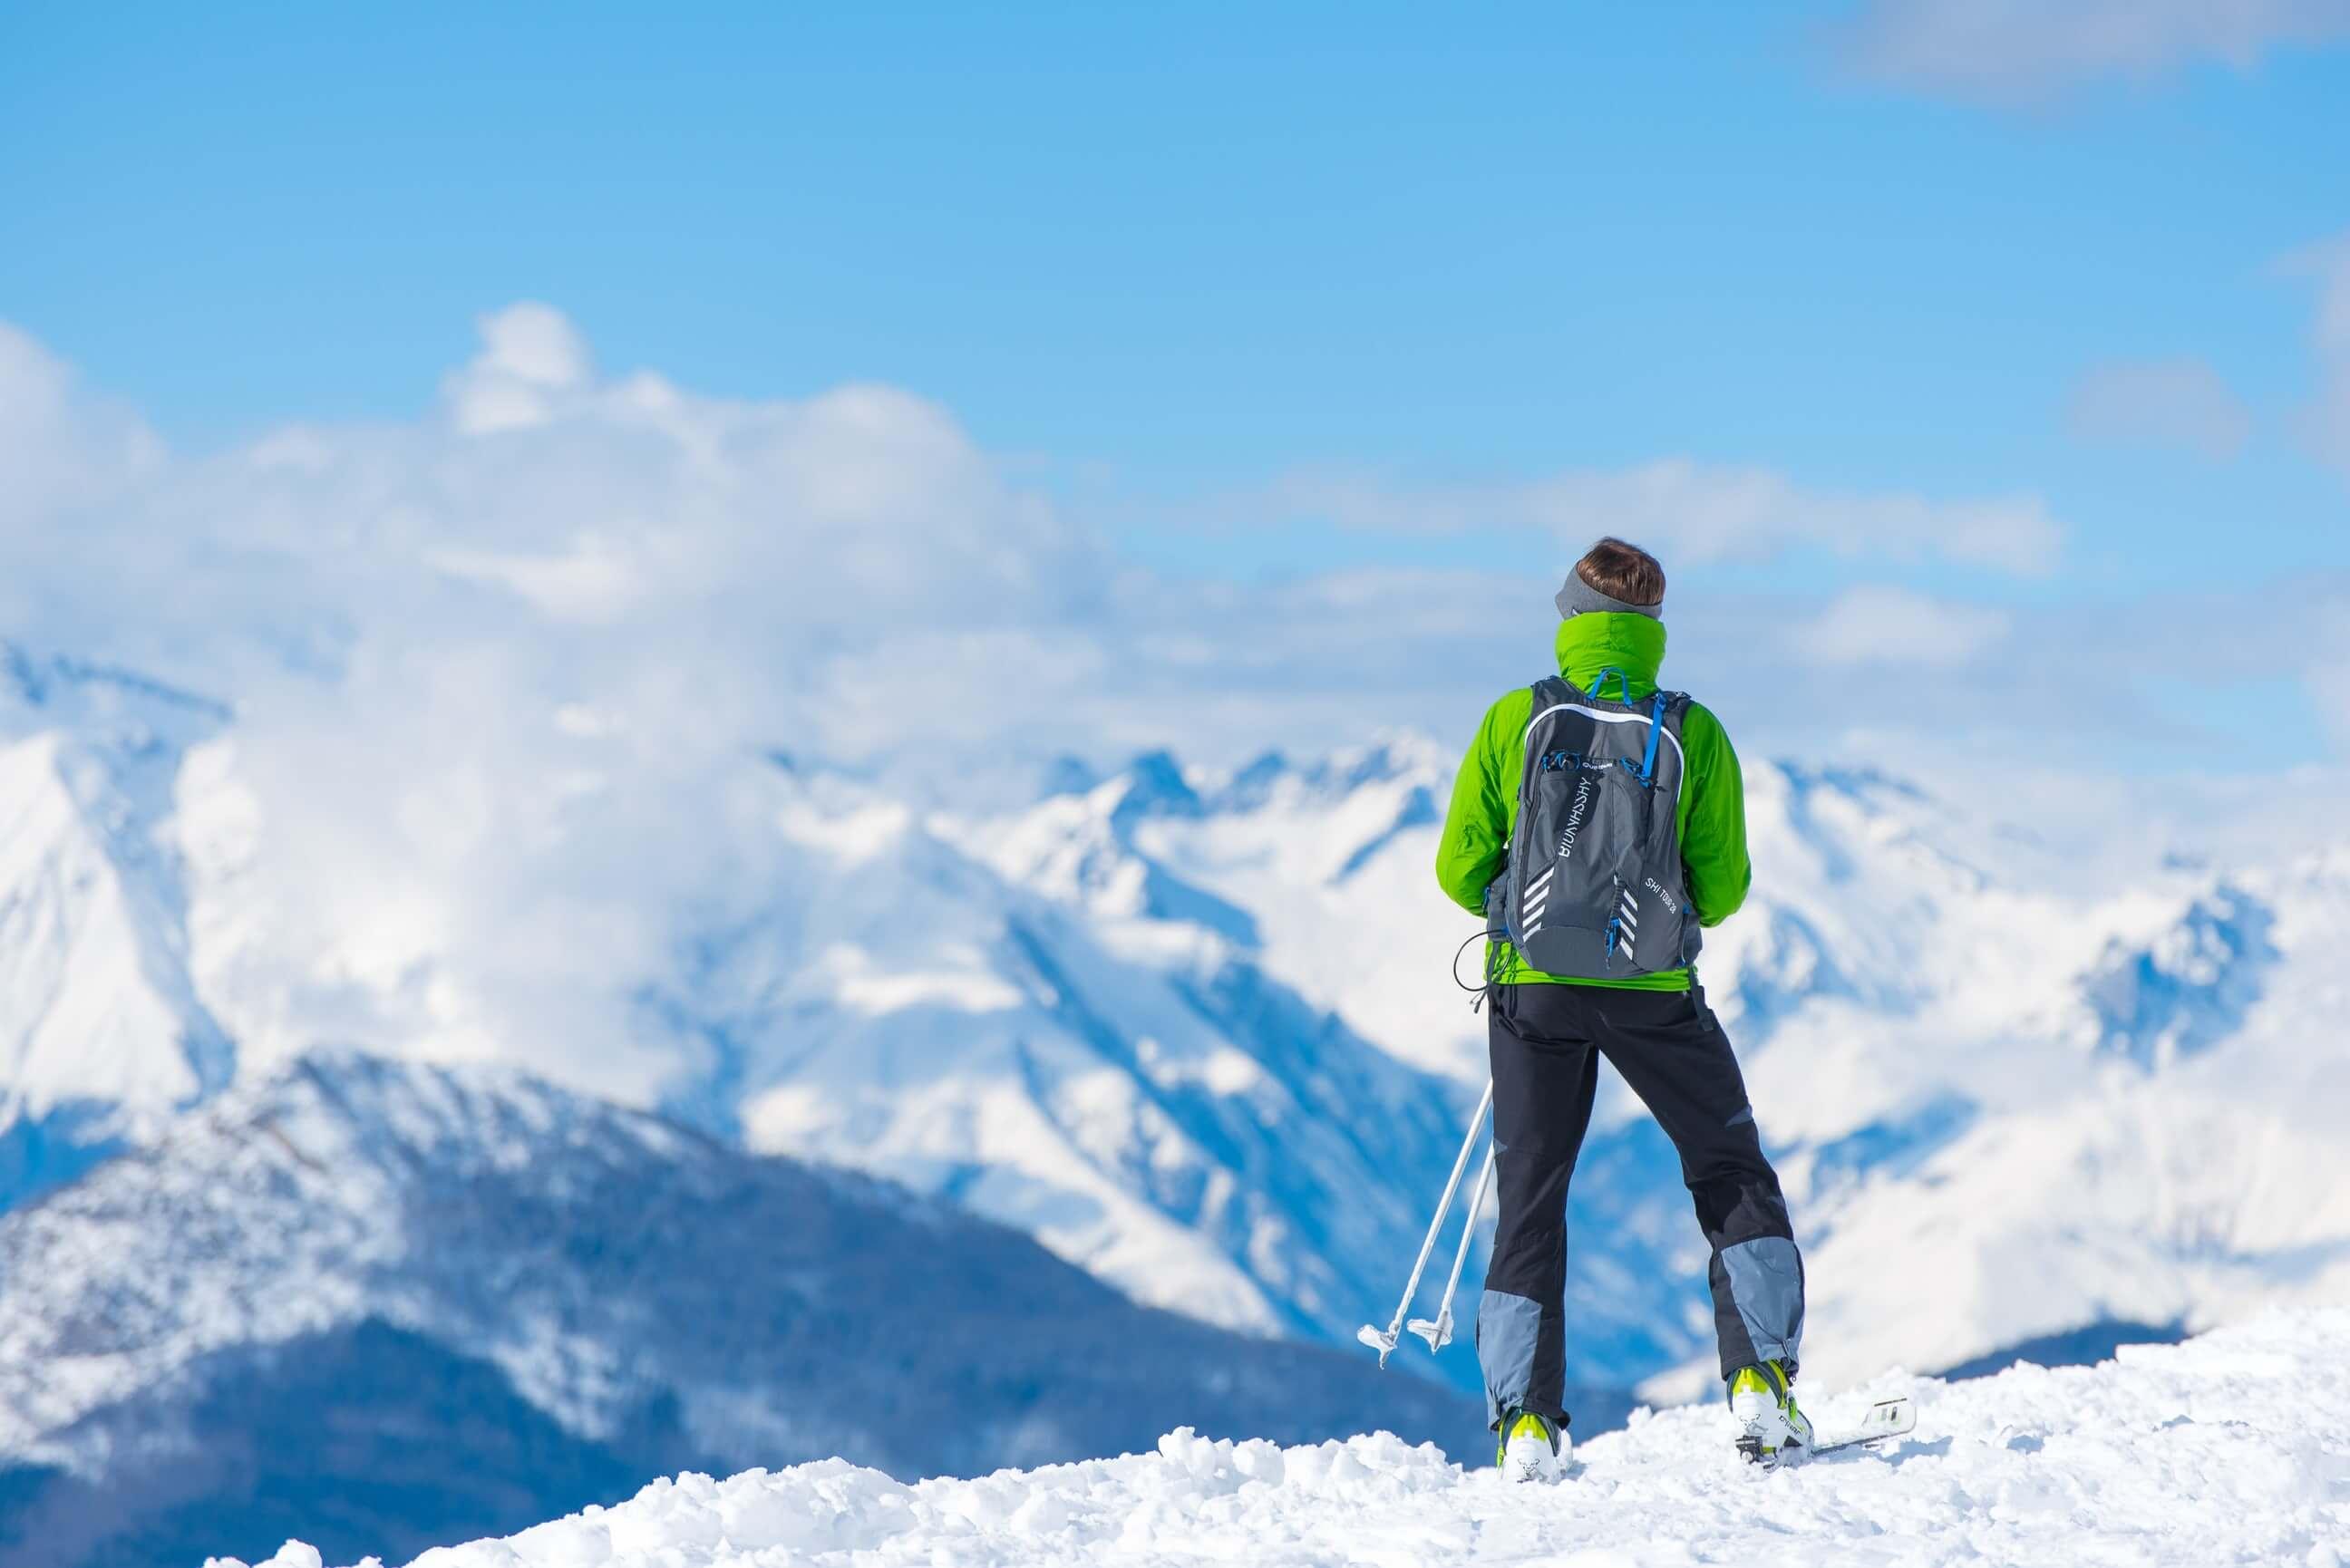 軽井沢 ウィンタースポーツ karuizawa winter sports